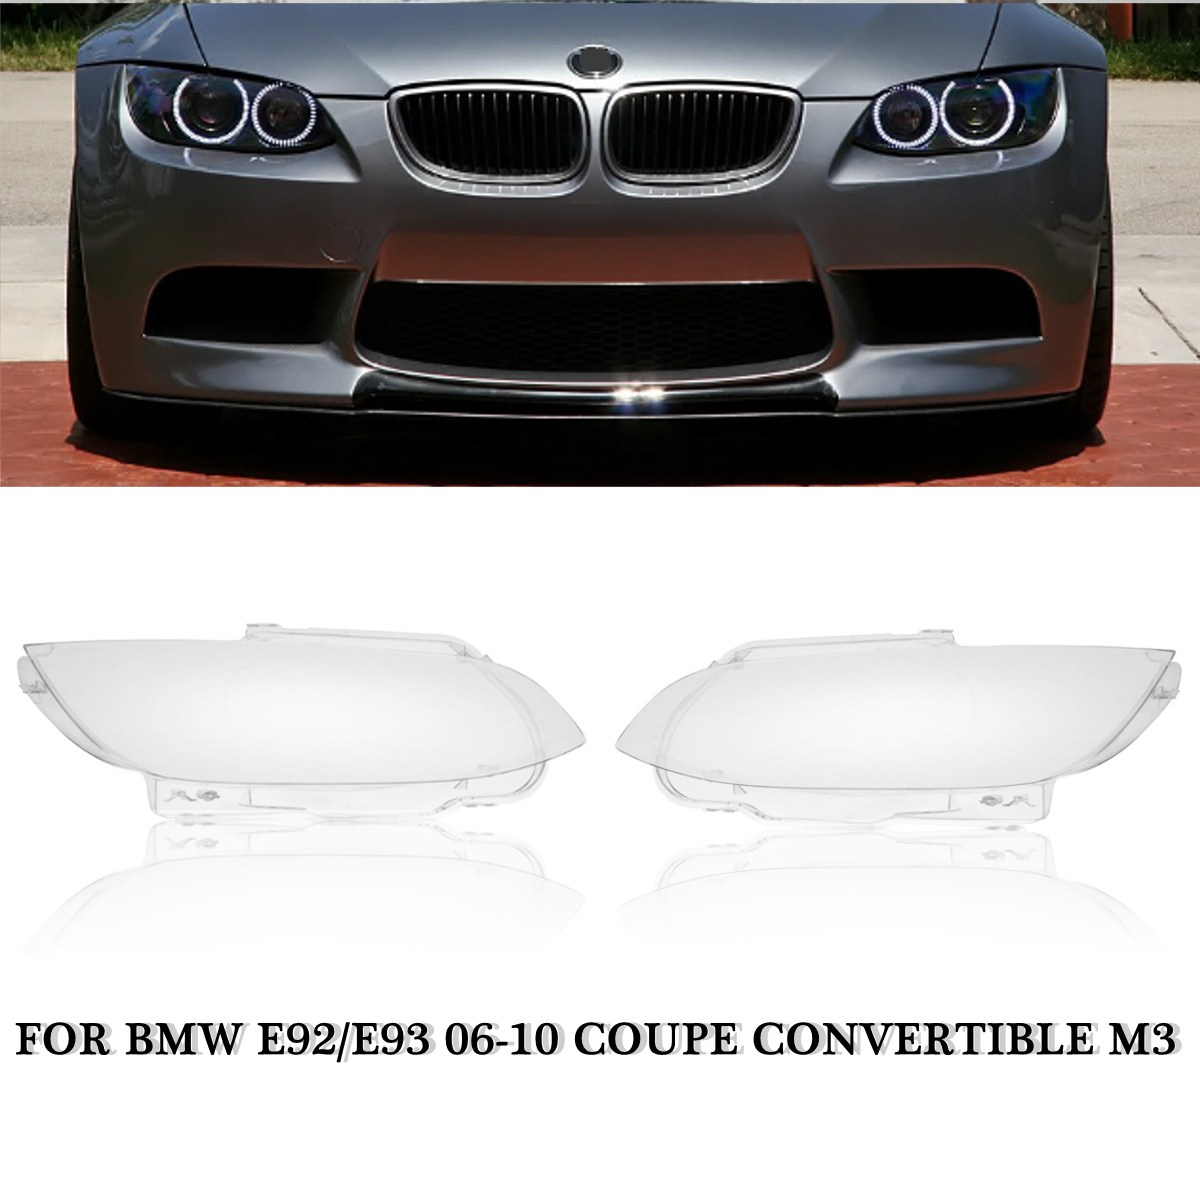 1PC Left/Right Car Headlight Cover Headlamp Lens Cover Fit For BMW E92 E93 Coupe M3 328i 335i Cabrio 2006 2007 2008 2009 2010